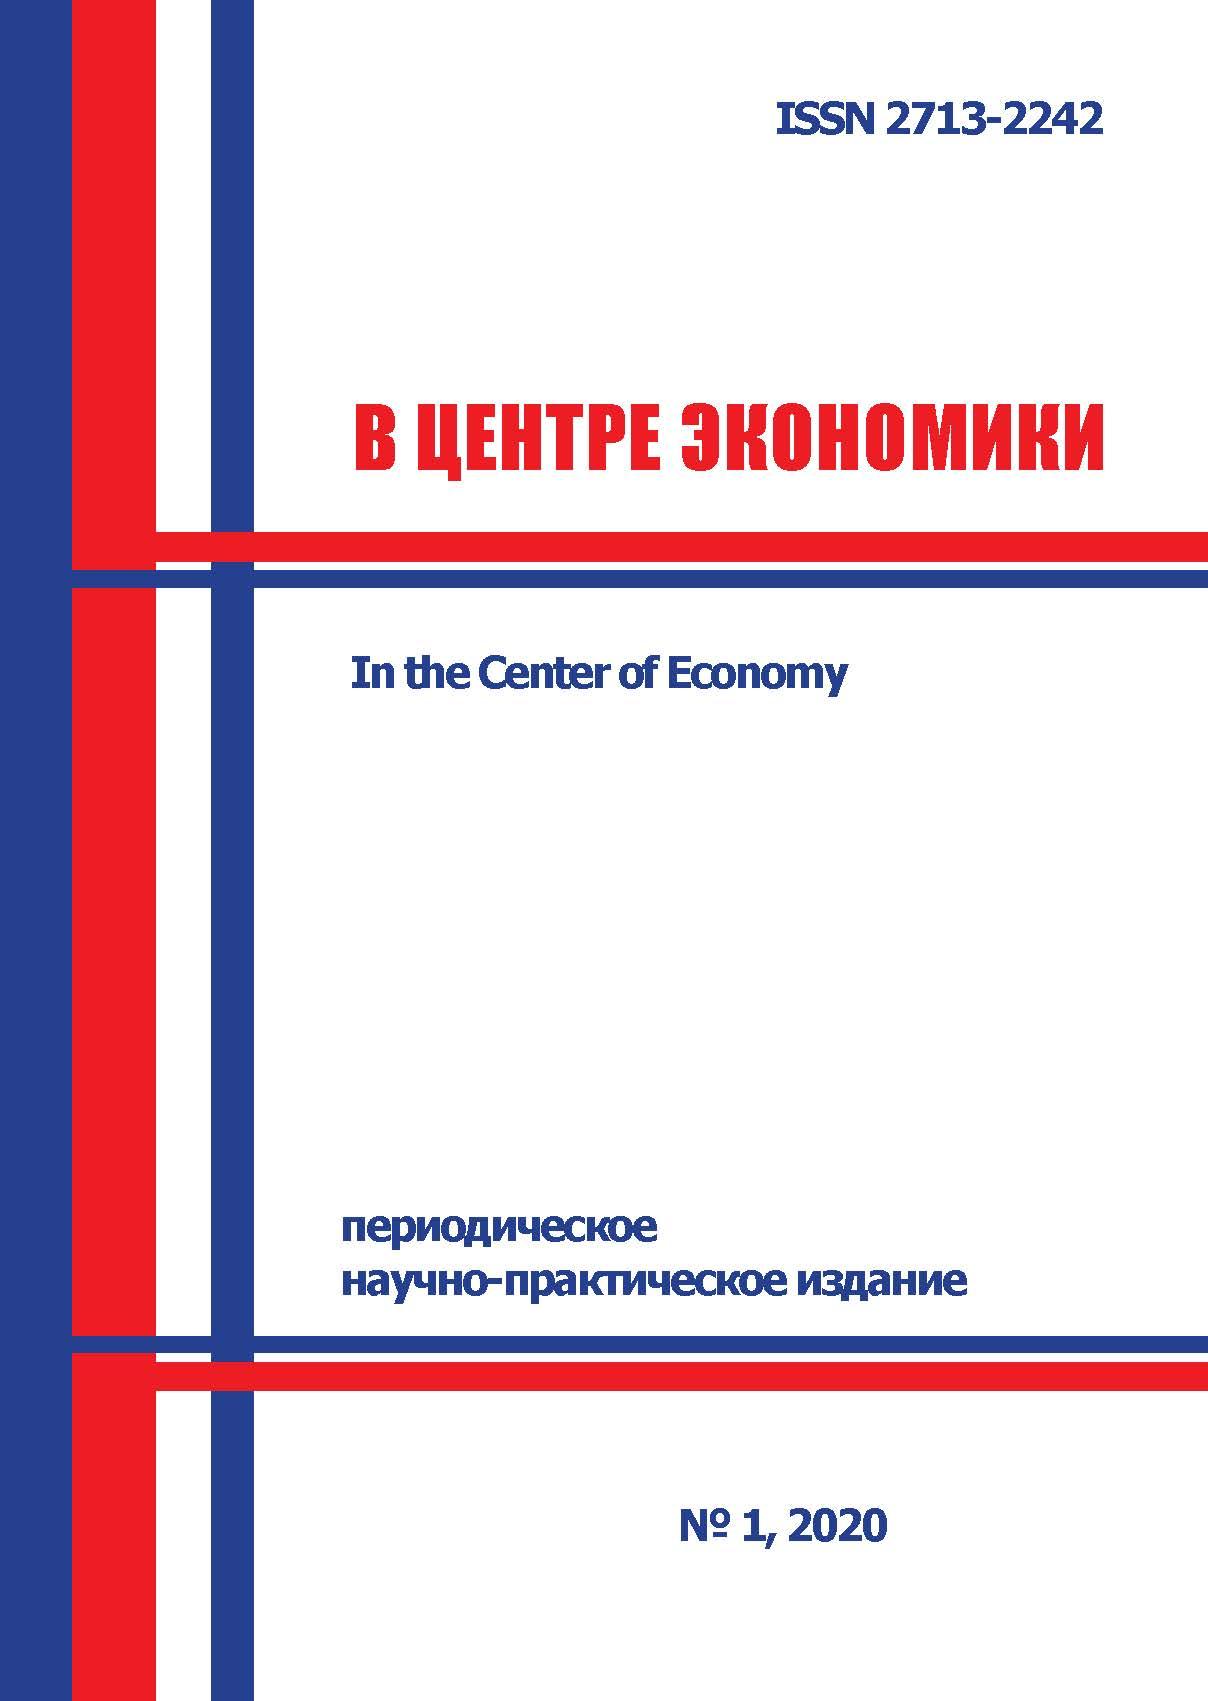 """Обложка журнала """"В центре экономики"""" №1, 2020"""